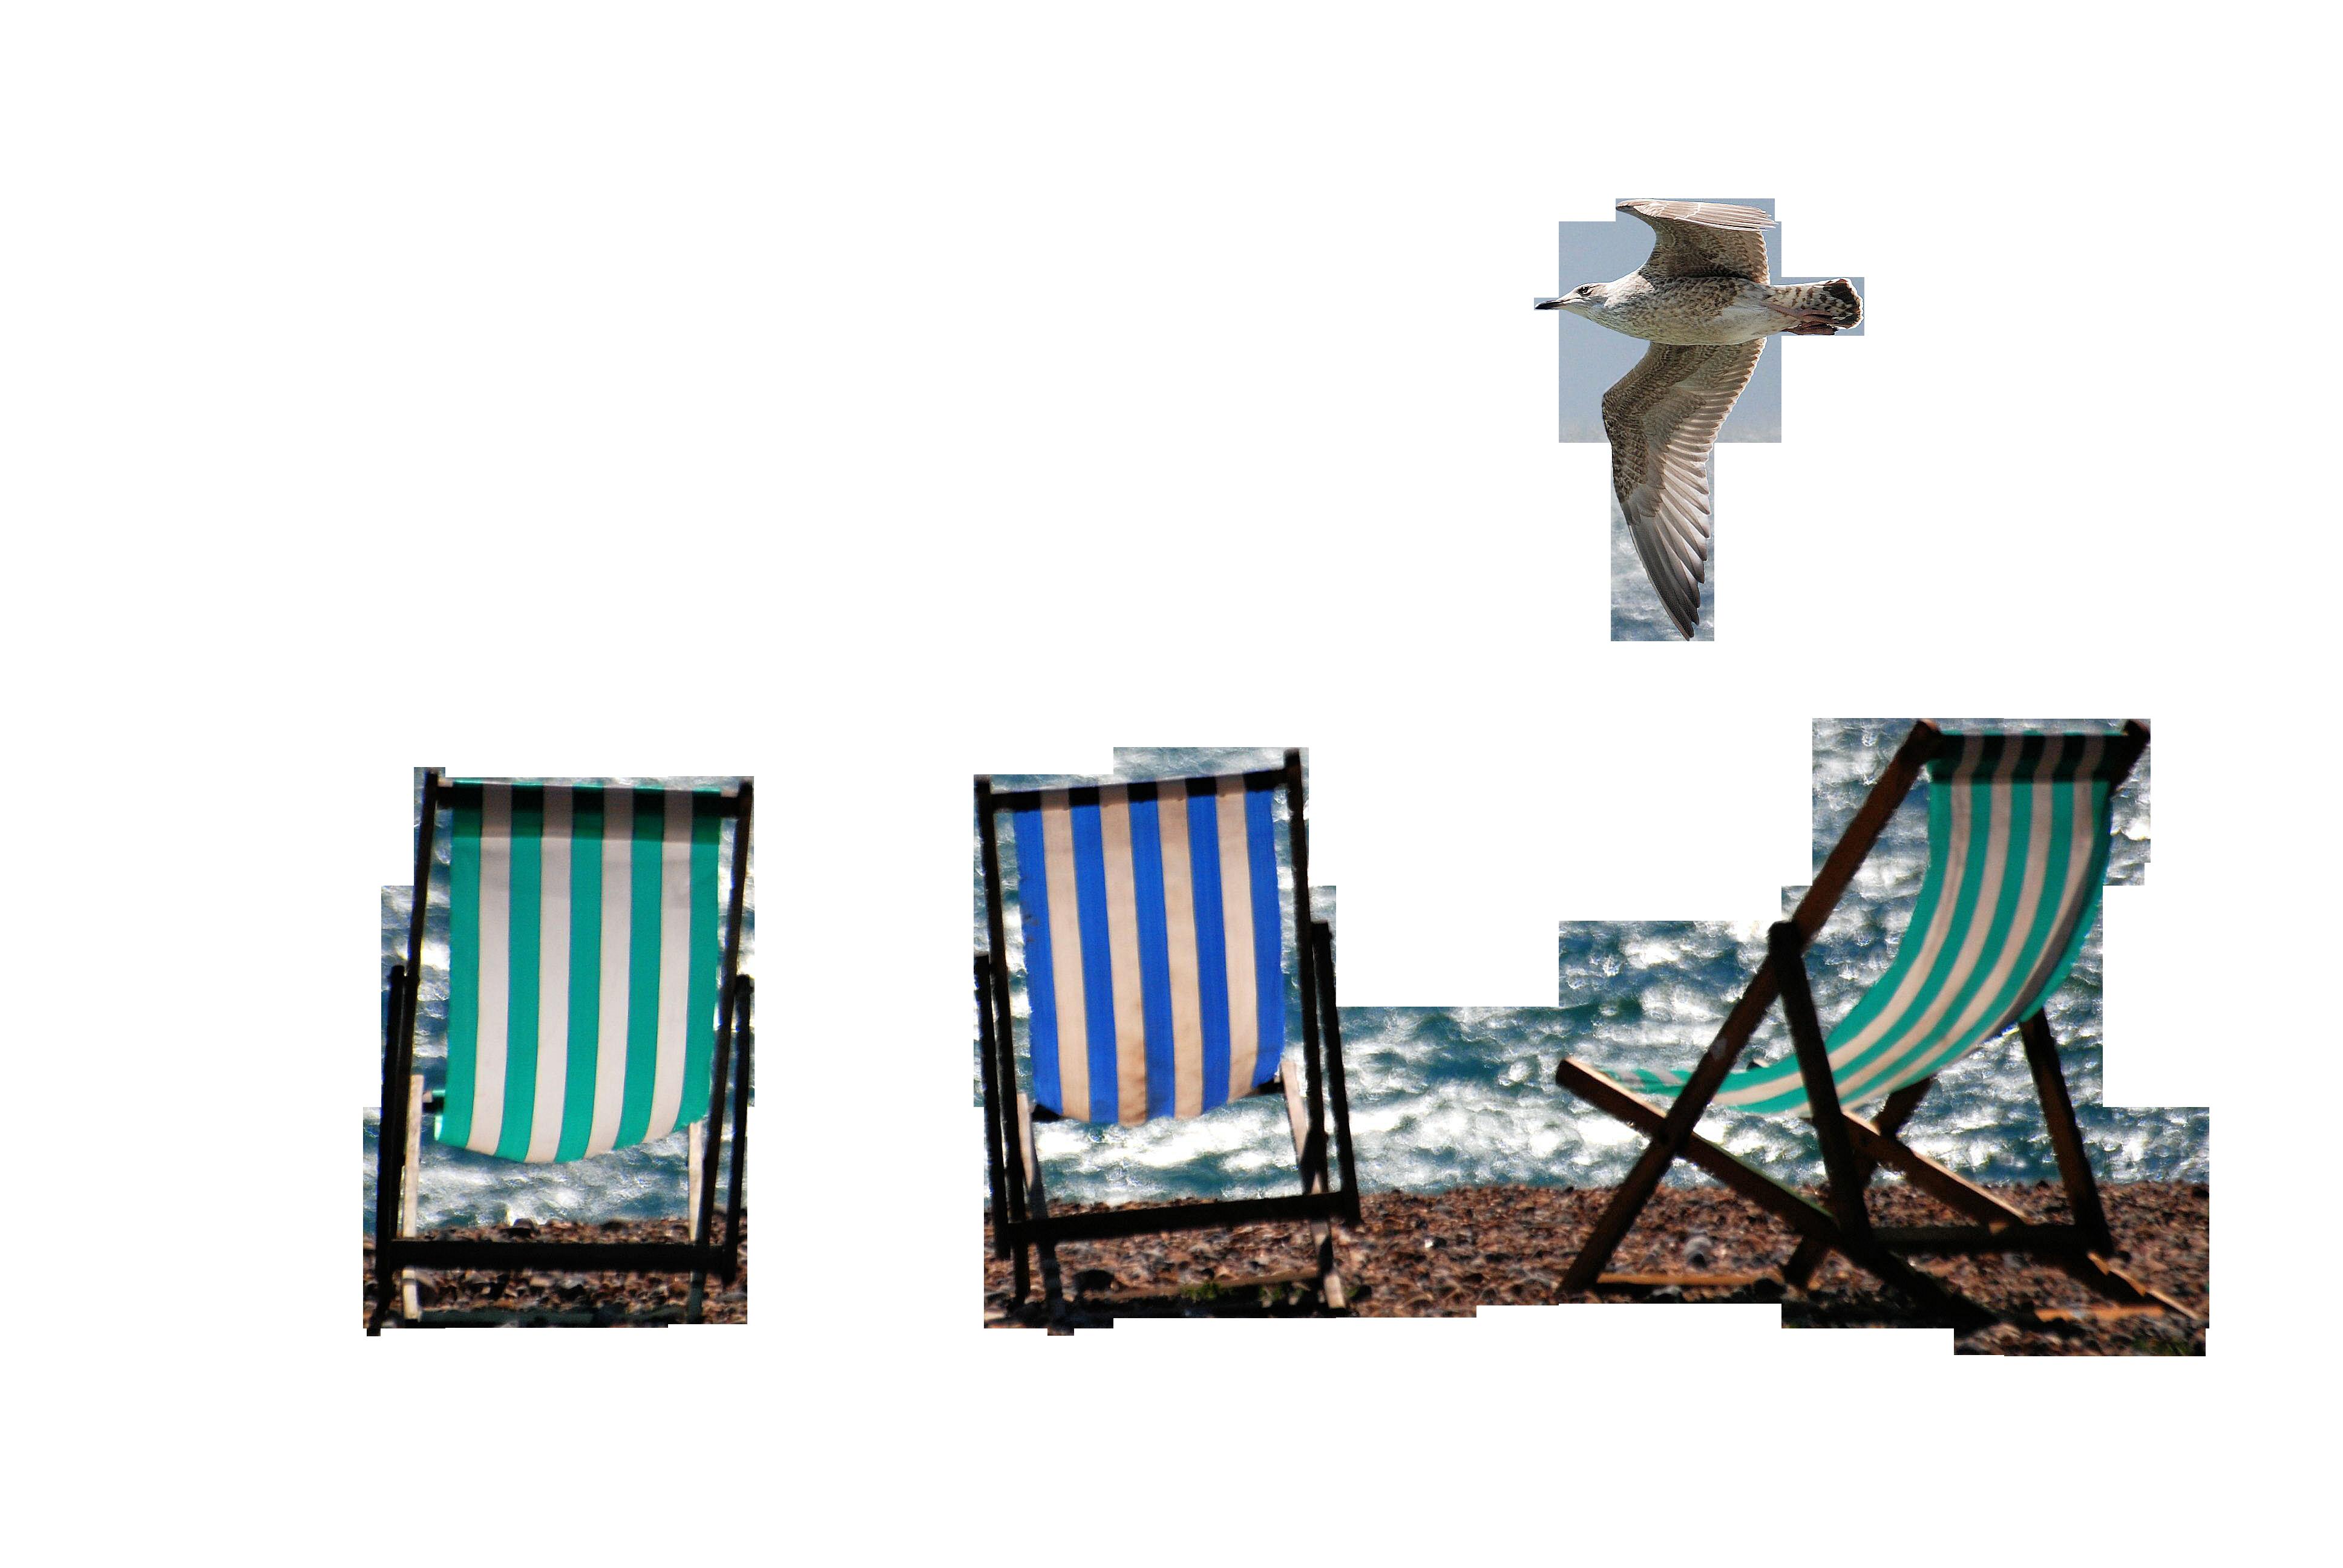 deckchairs-355596_Clip